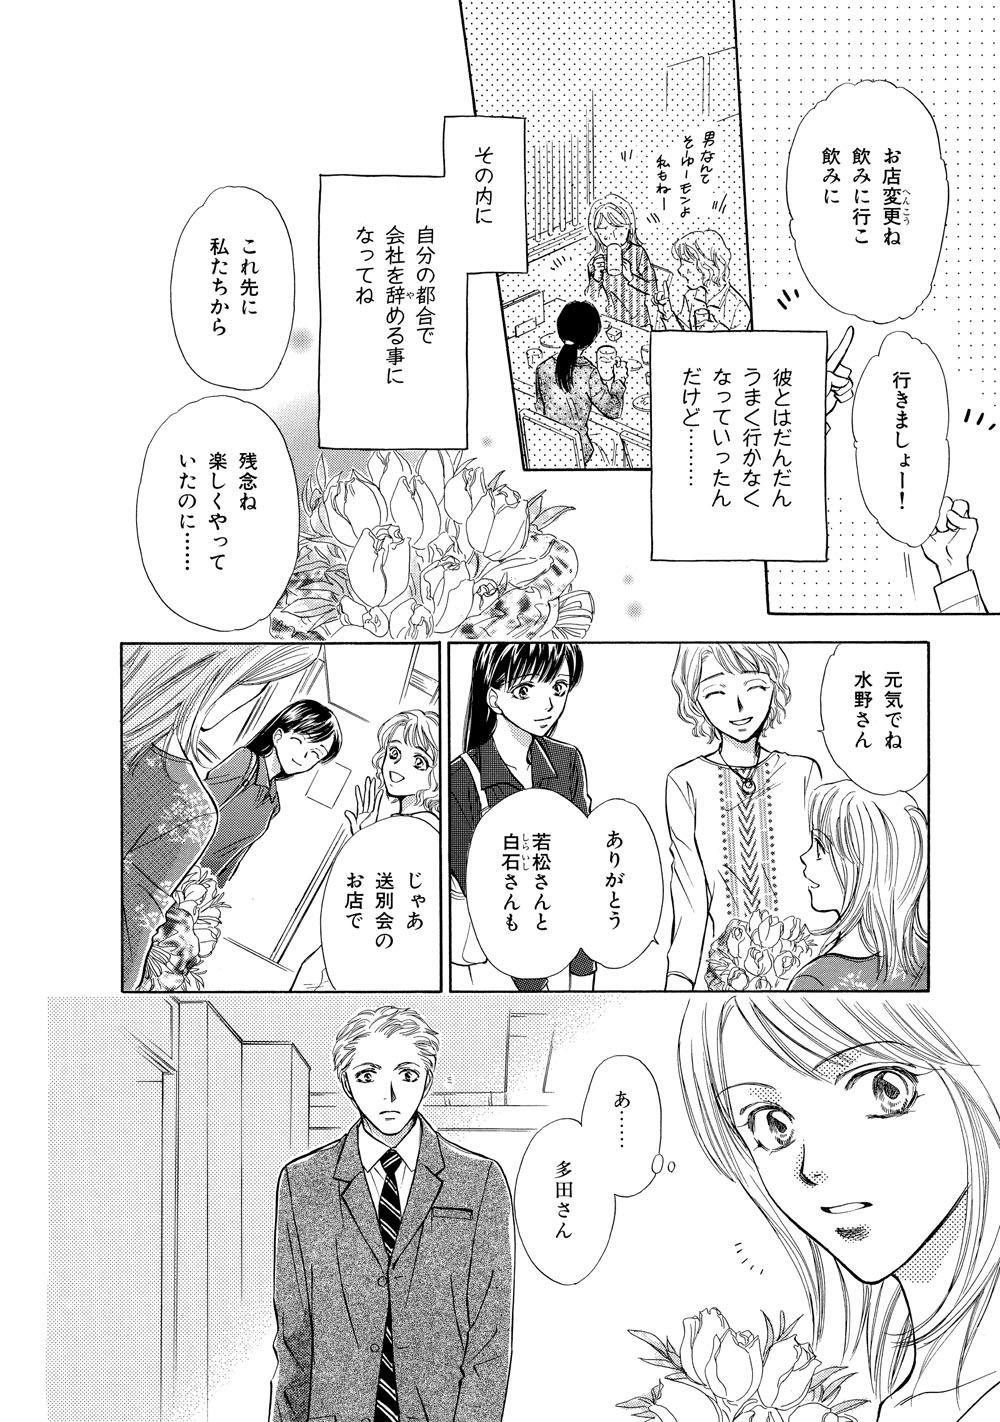 テレビ版_ほん怖_284.jpg